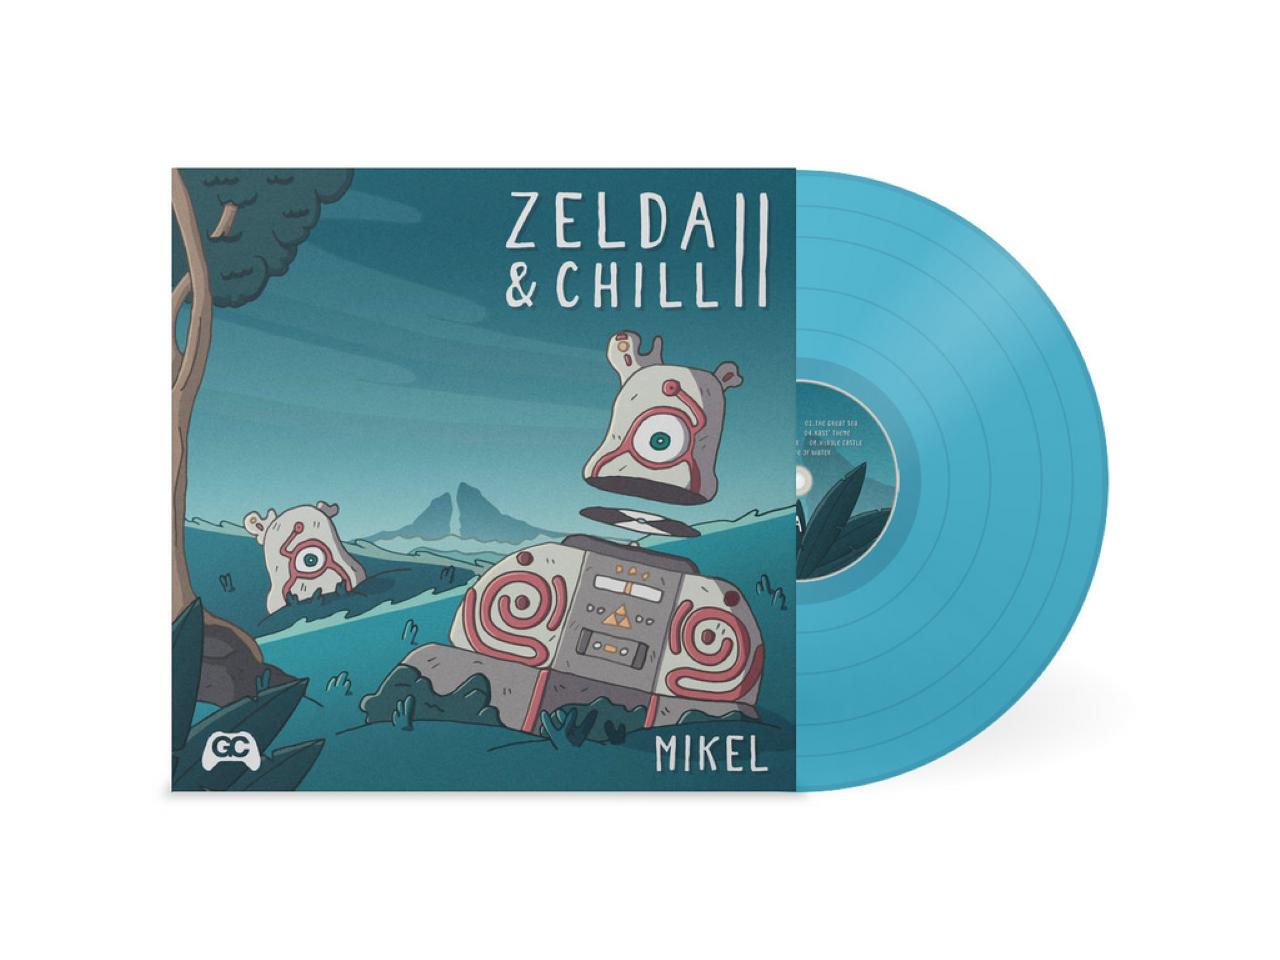 """Lo-Fi Fan Album """"Zelda & Chill II"""" Gets Vinyl Release"""